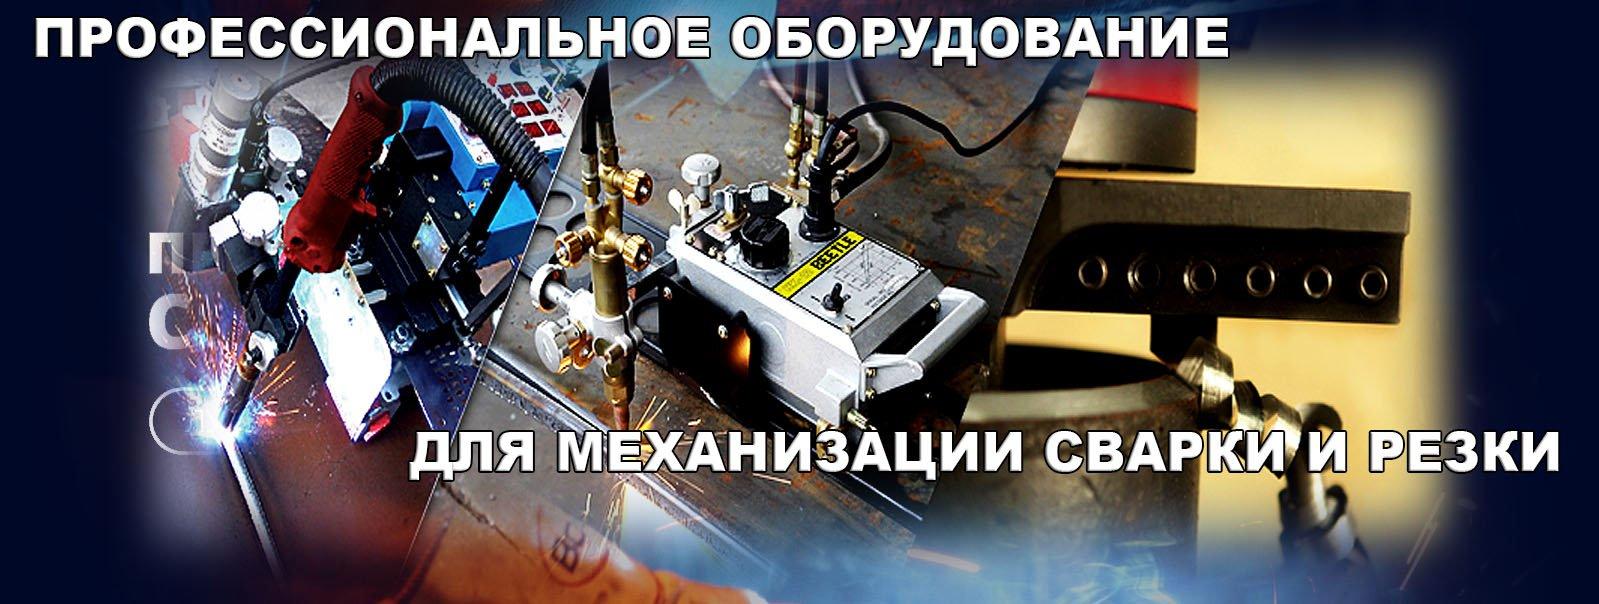 Industrialnoe Oborudovanie, OOO